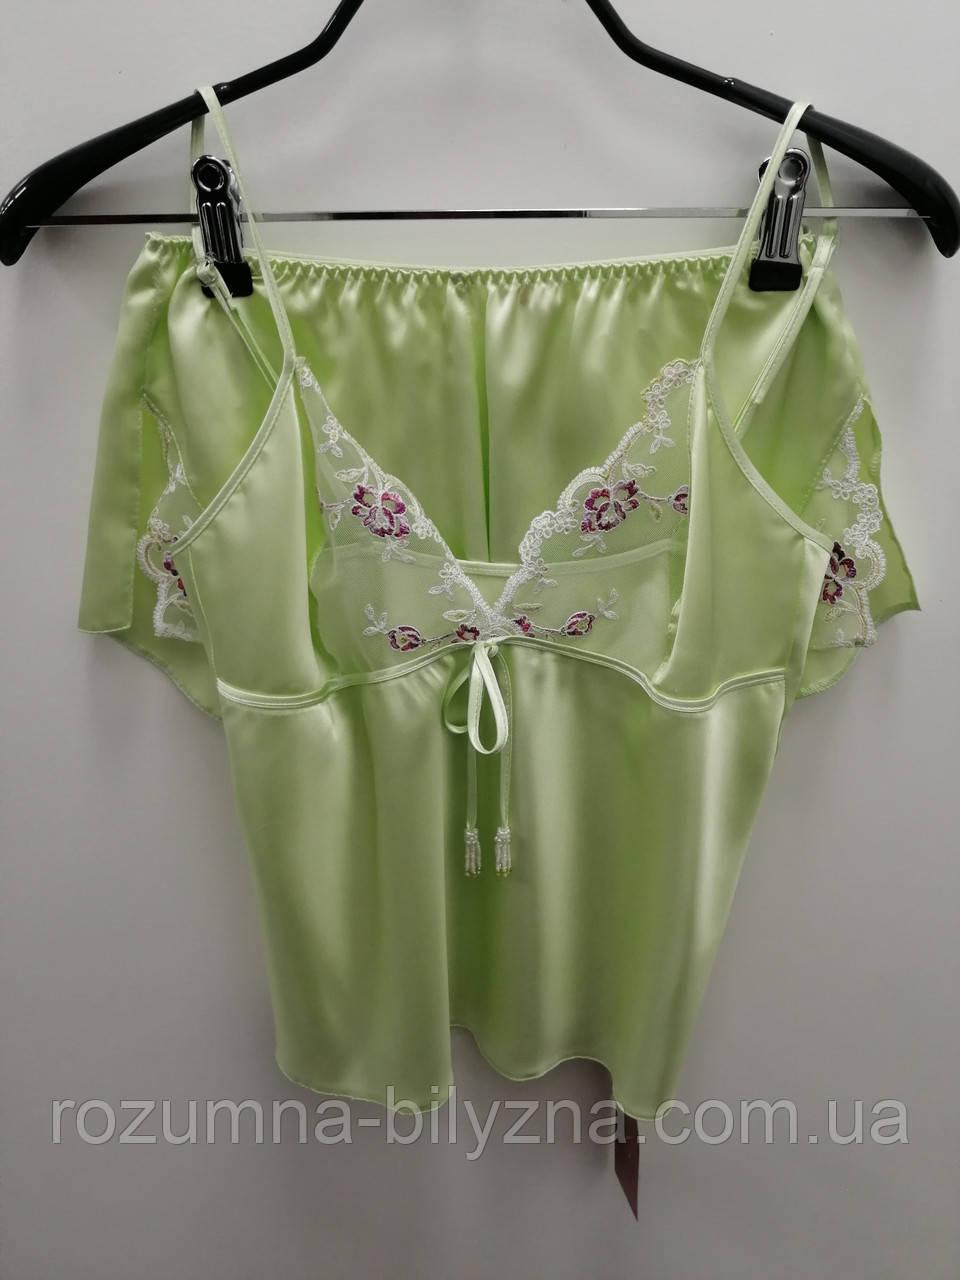 Піжама жіноча, майка/шорти, NADIJA, TM Komilfo, Україна XS. S. M